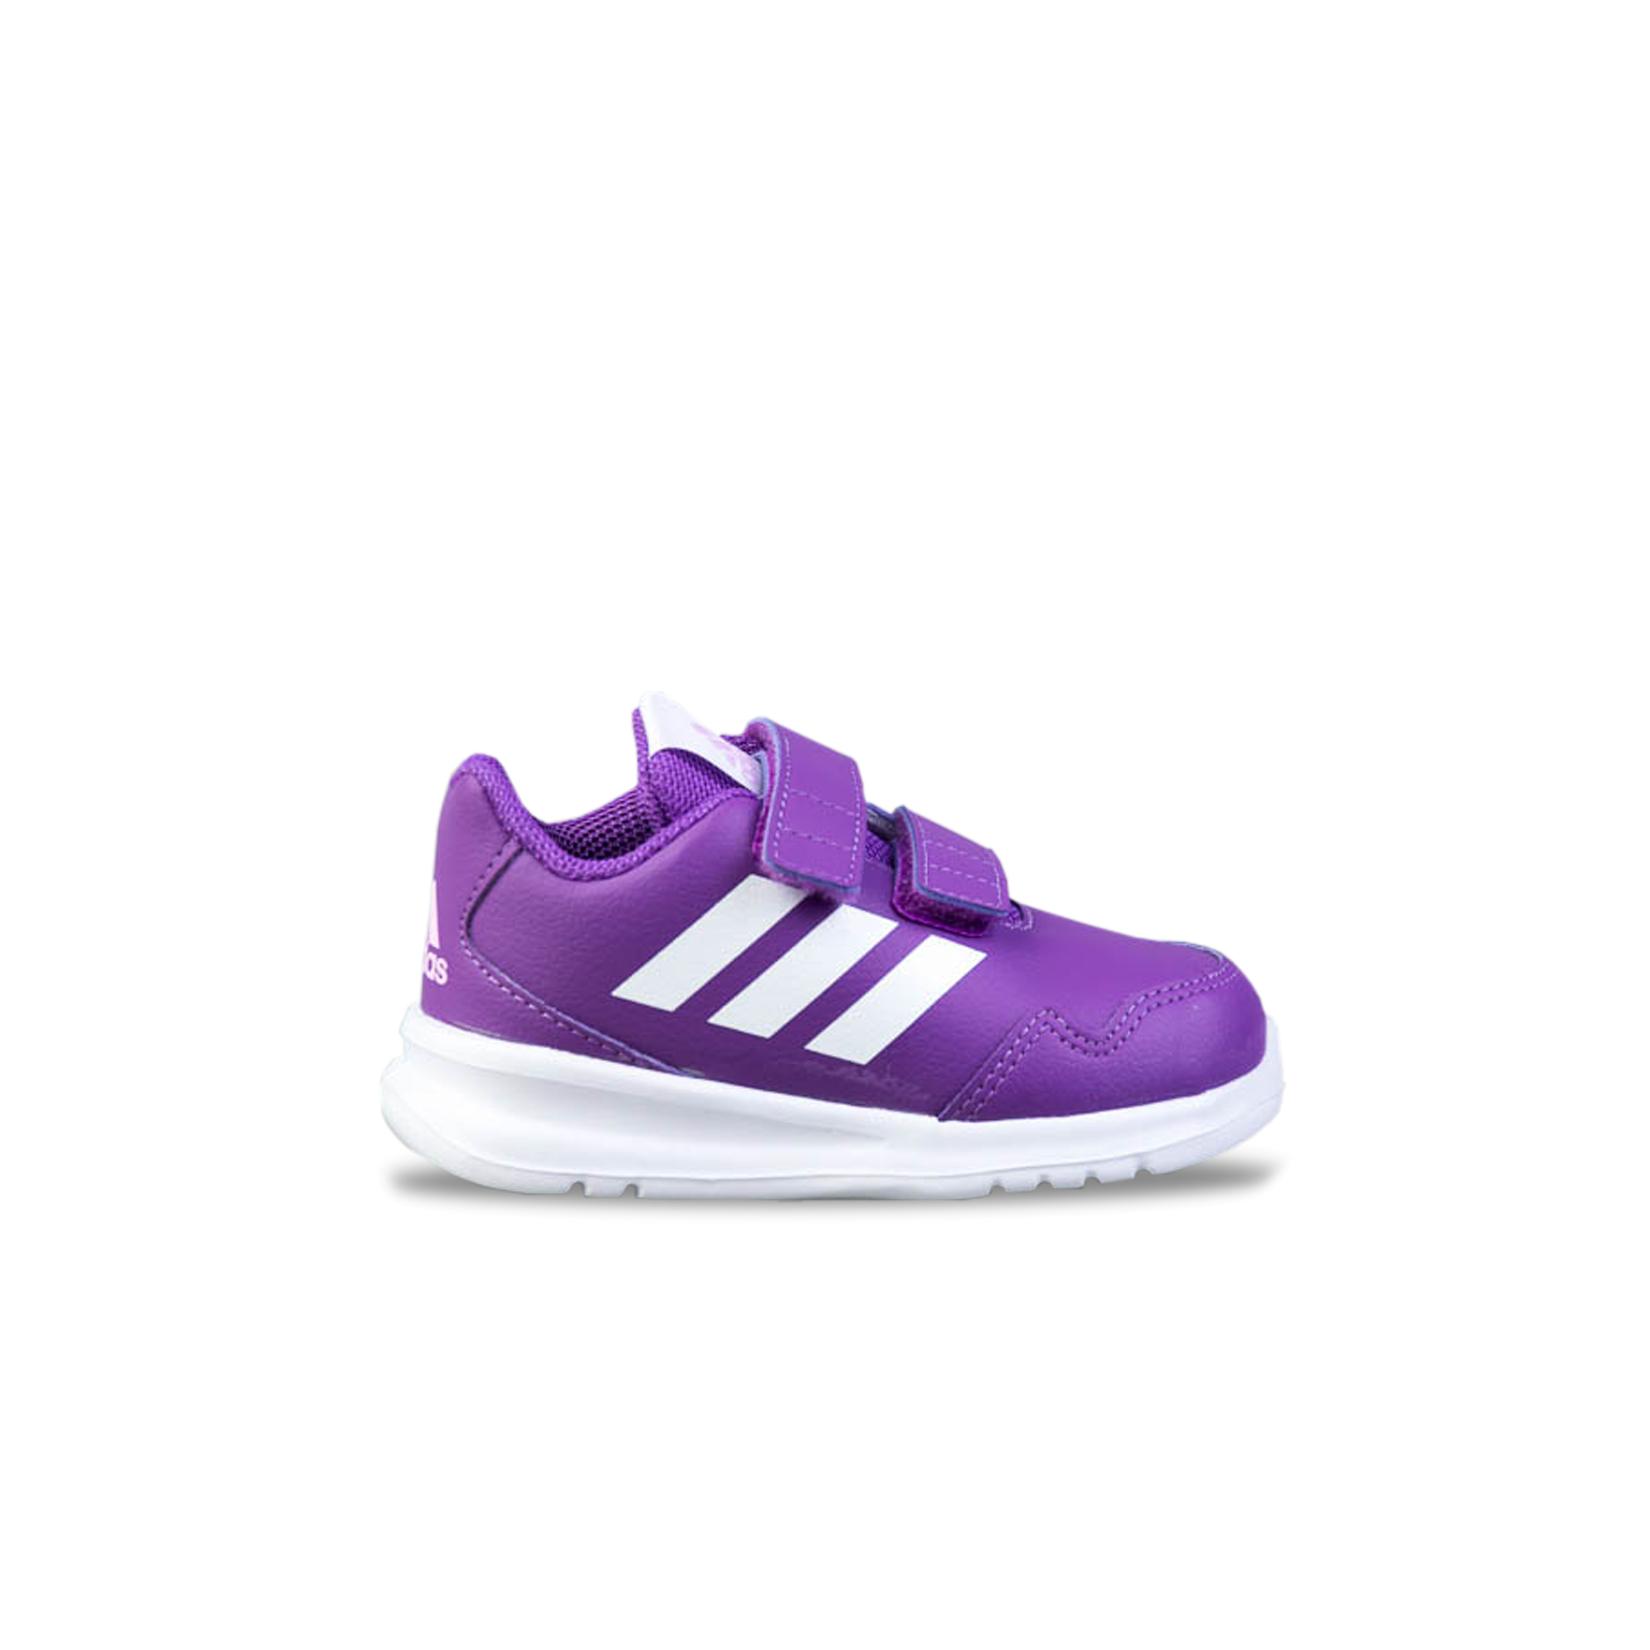 Adidas AltaRun Purple - White